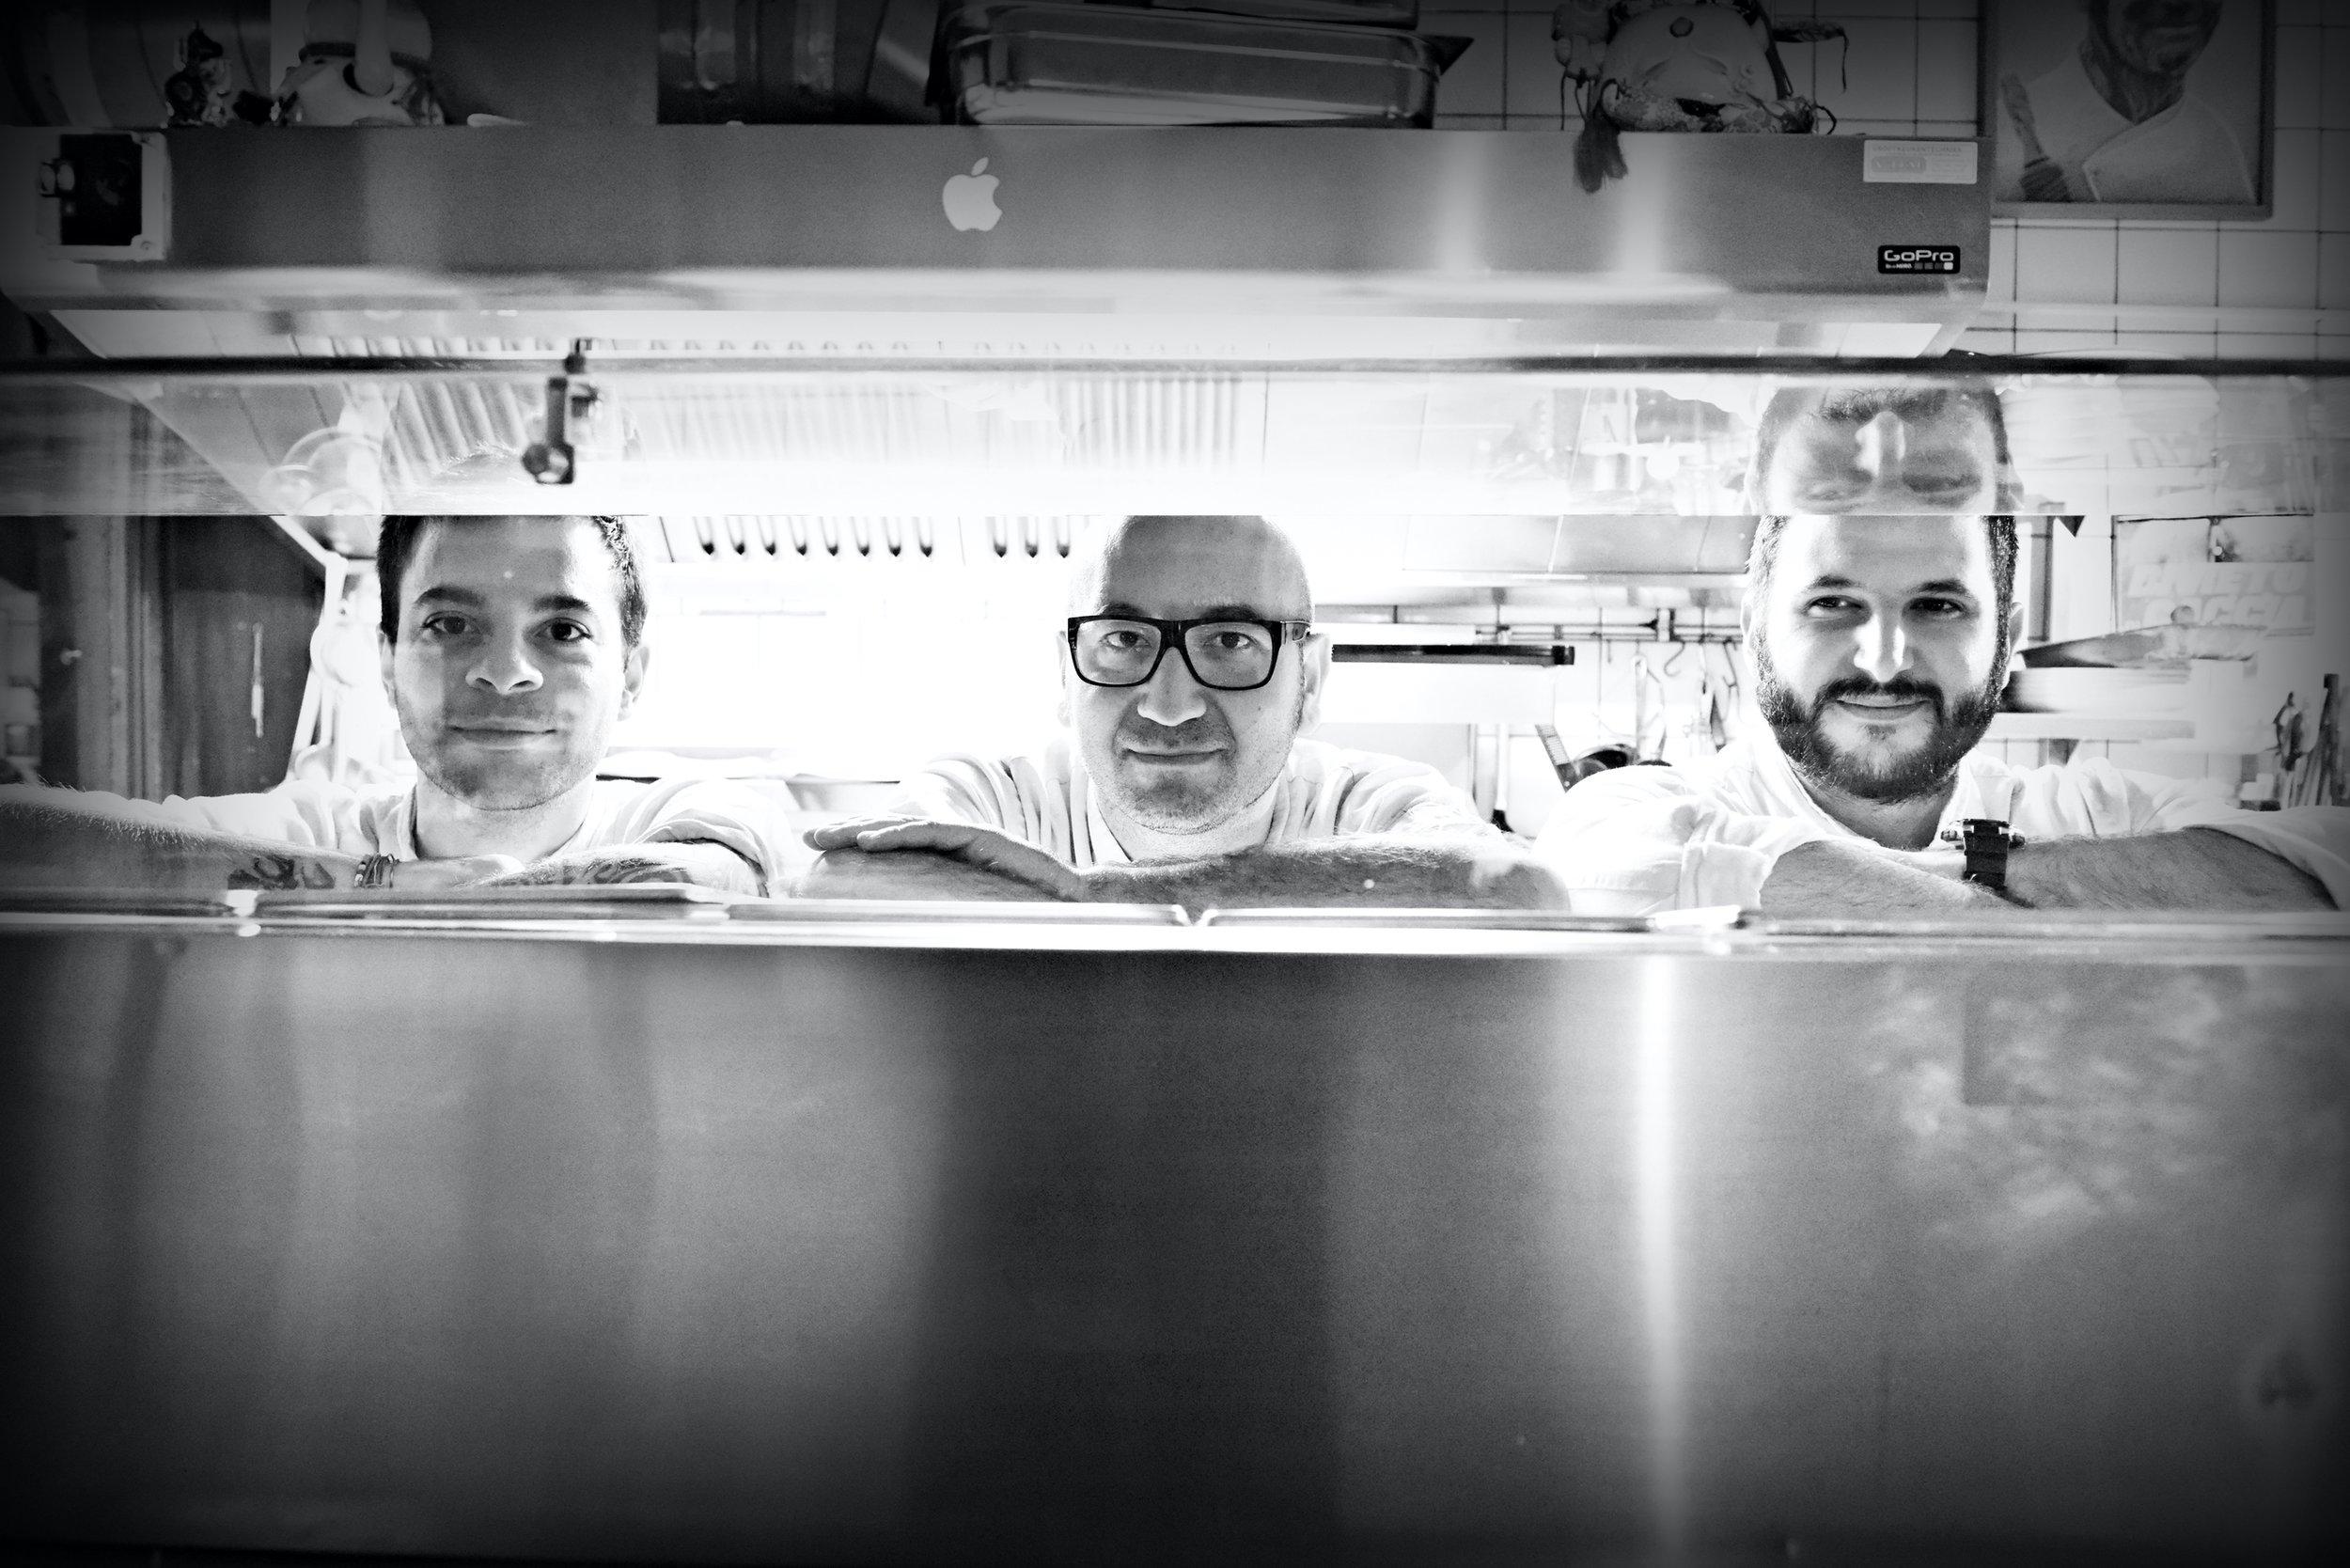 1 restaurant ristorante italiaans restaurant rossi leuven felice miluzzi beste italiaanse chef bart albrecht tablefever foodfotograaf0001.jpg